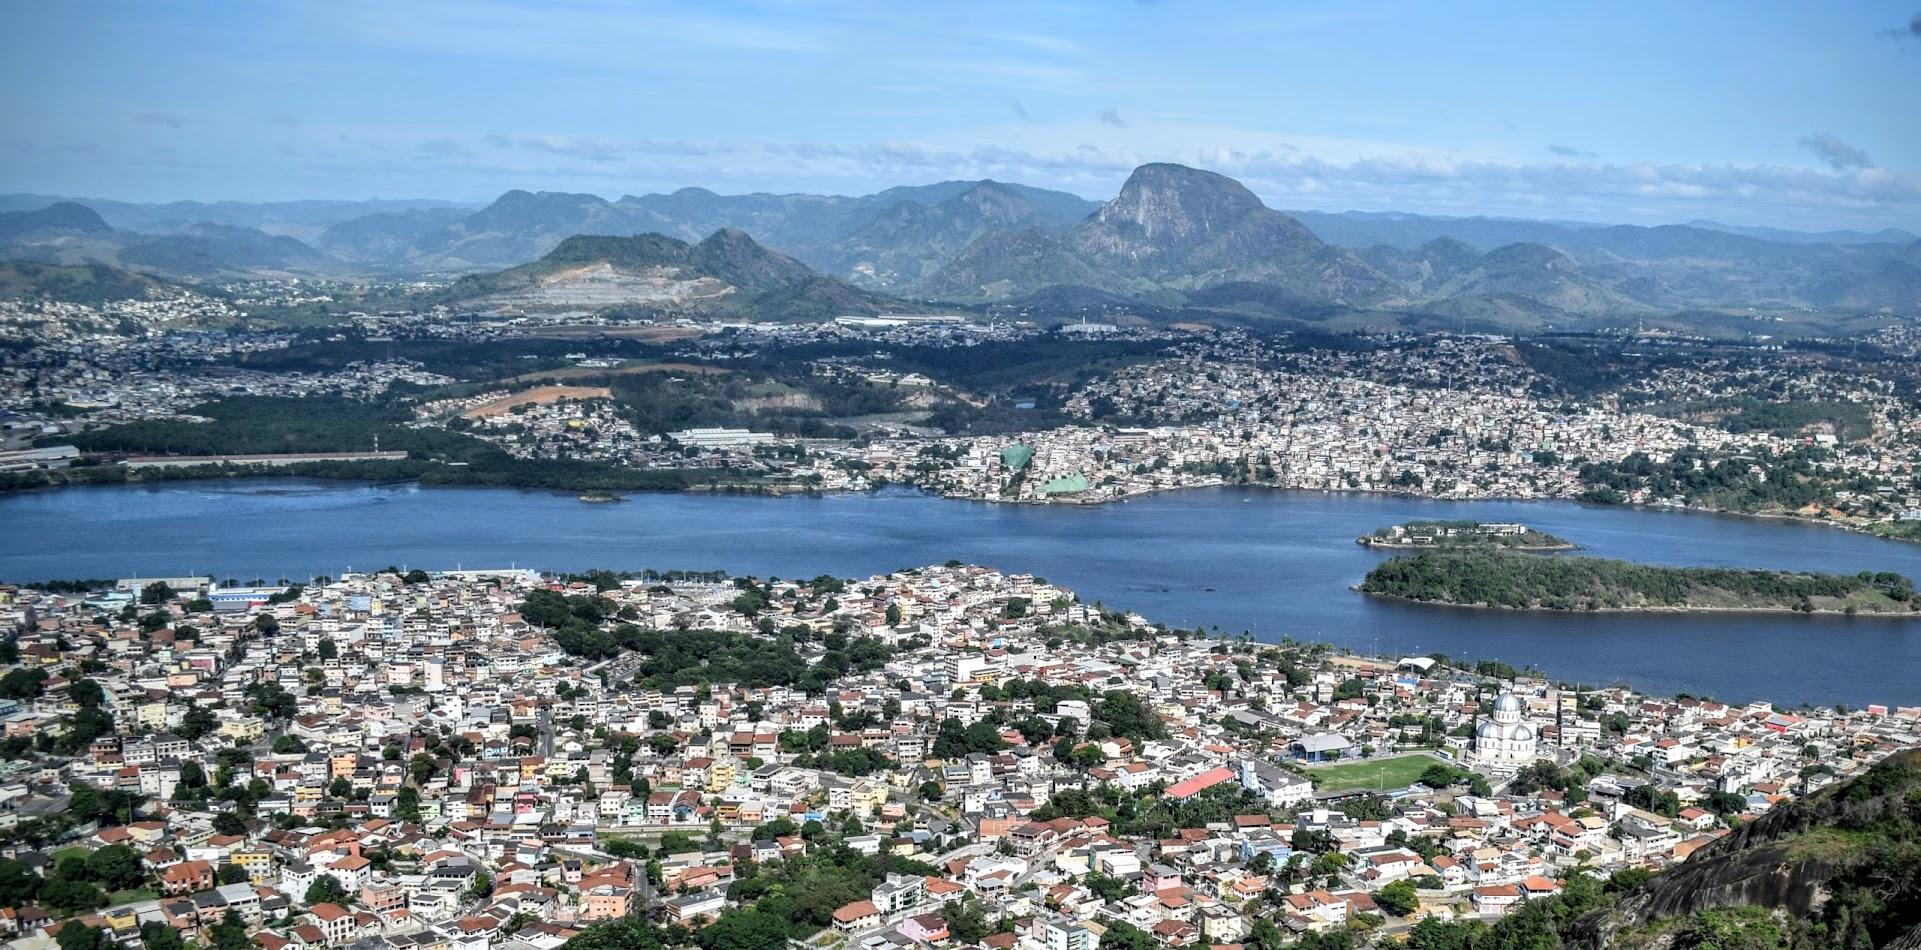 Vista do Parque da Fonte Grande para o bairro Santo Antônio, o Rio Santa Maria, Cariacica e o morro Moxuara ao fundo